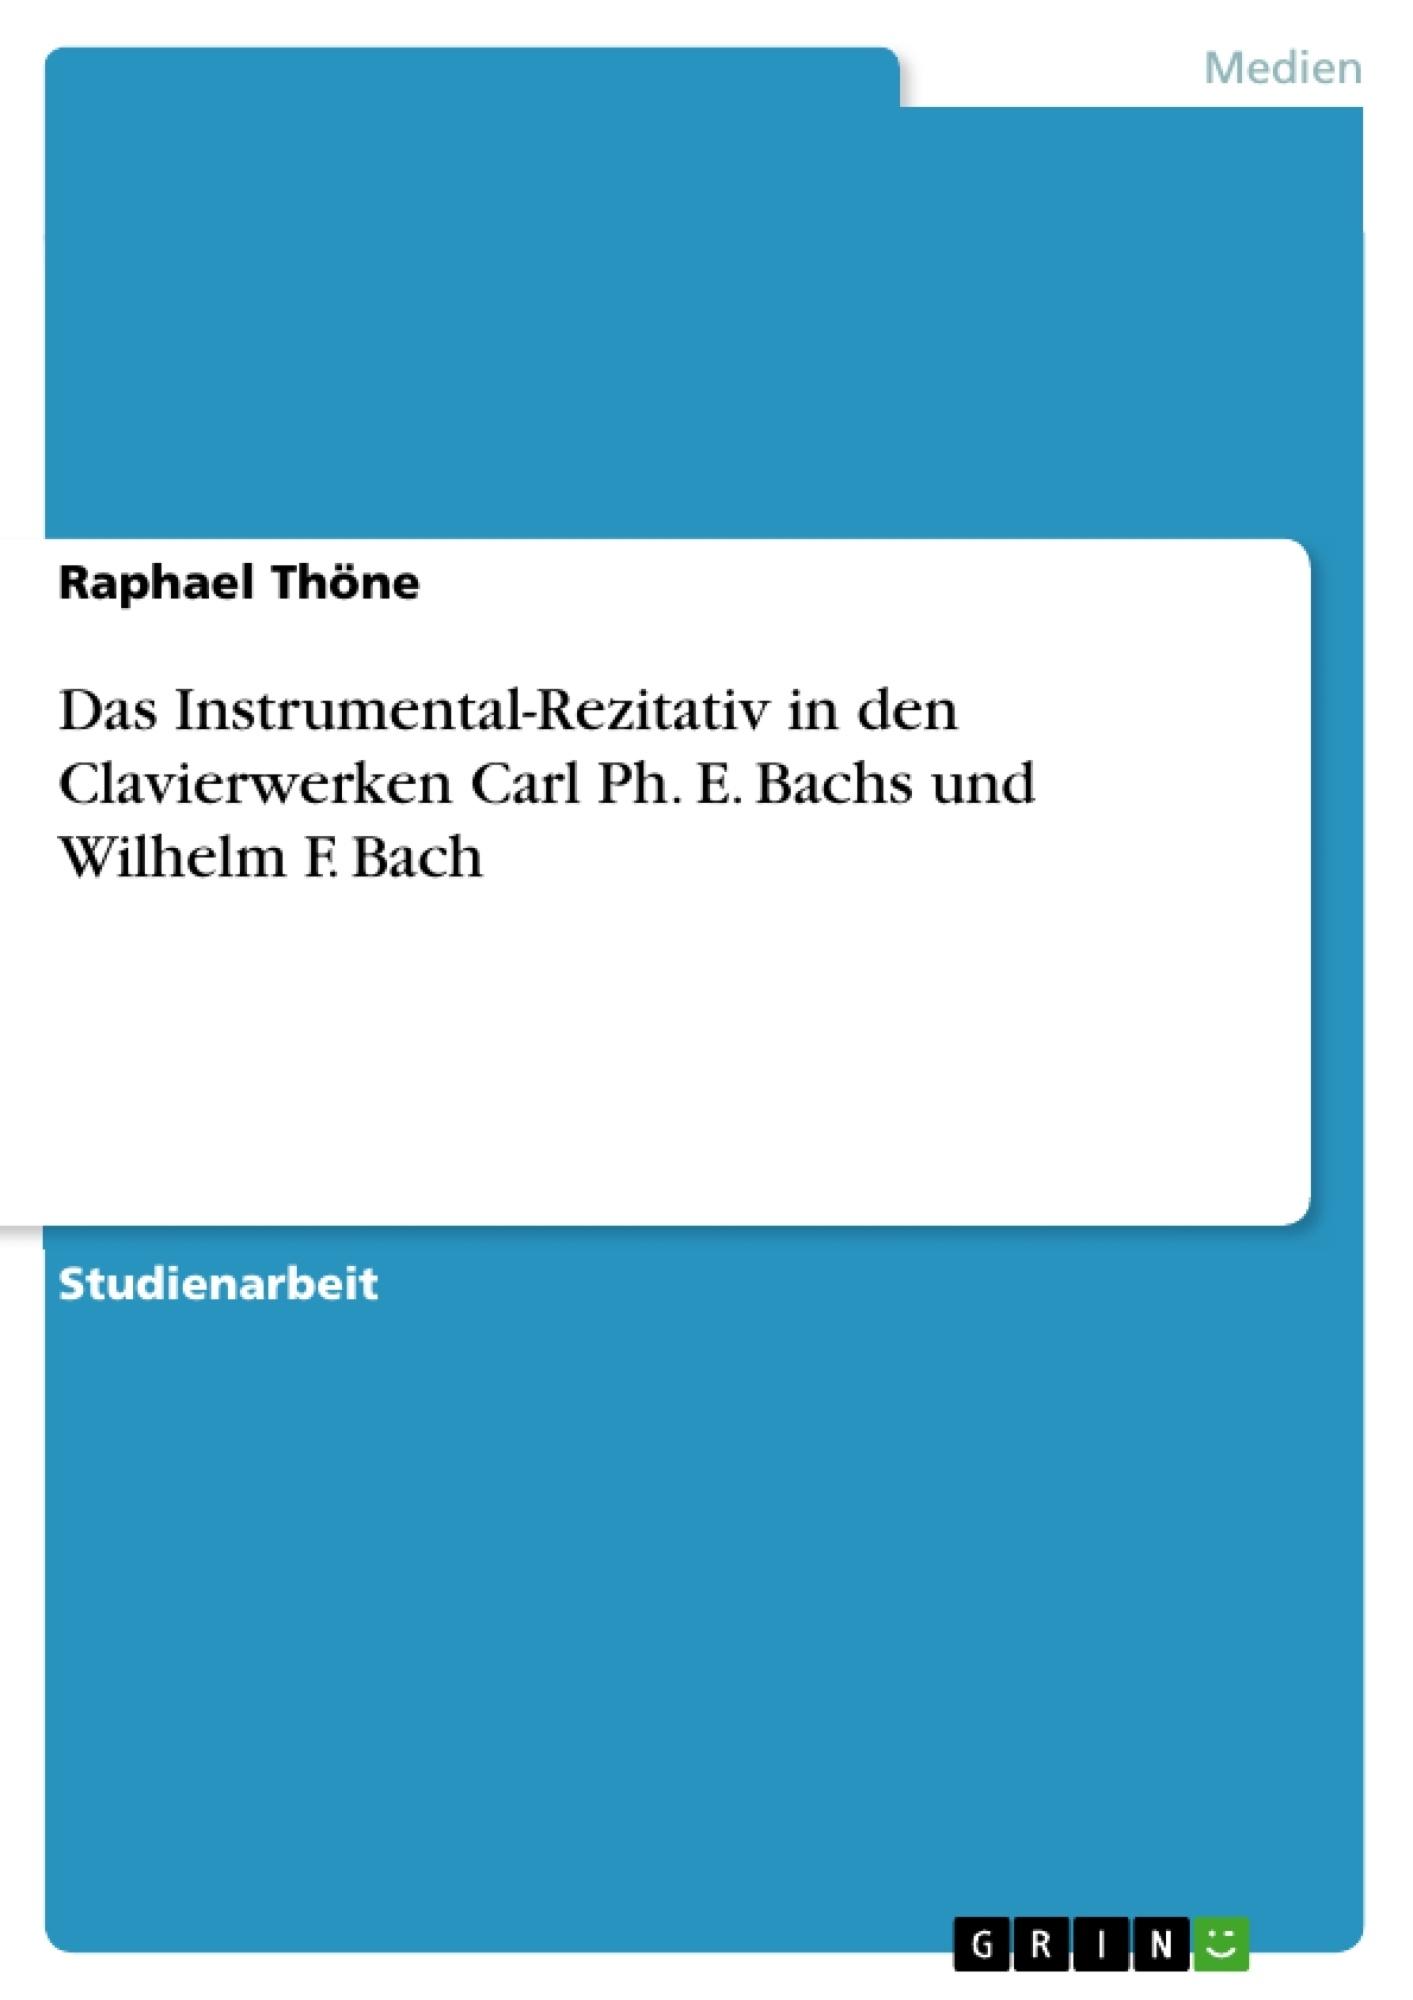 Titel: Das Instrumental-Rezitativ in den Clavierwerken Carl Ph. E. Bachs und Wilhelm F. Bach